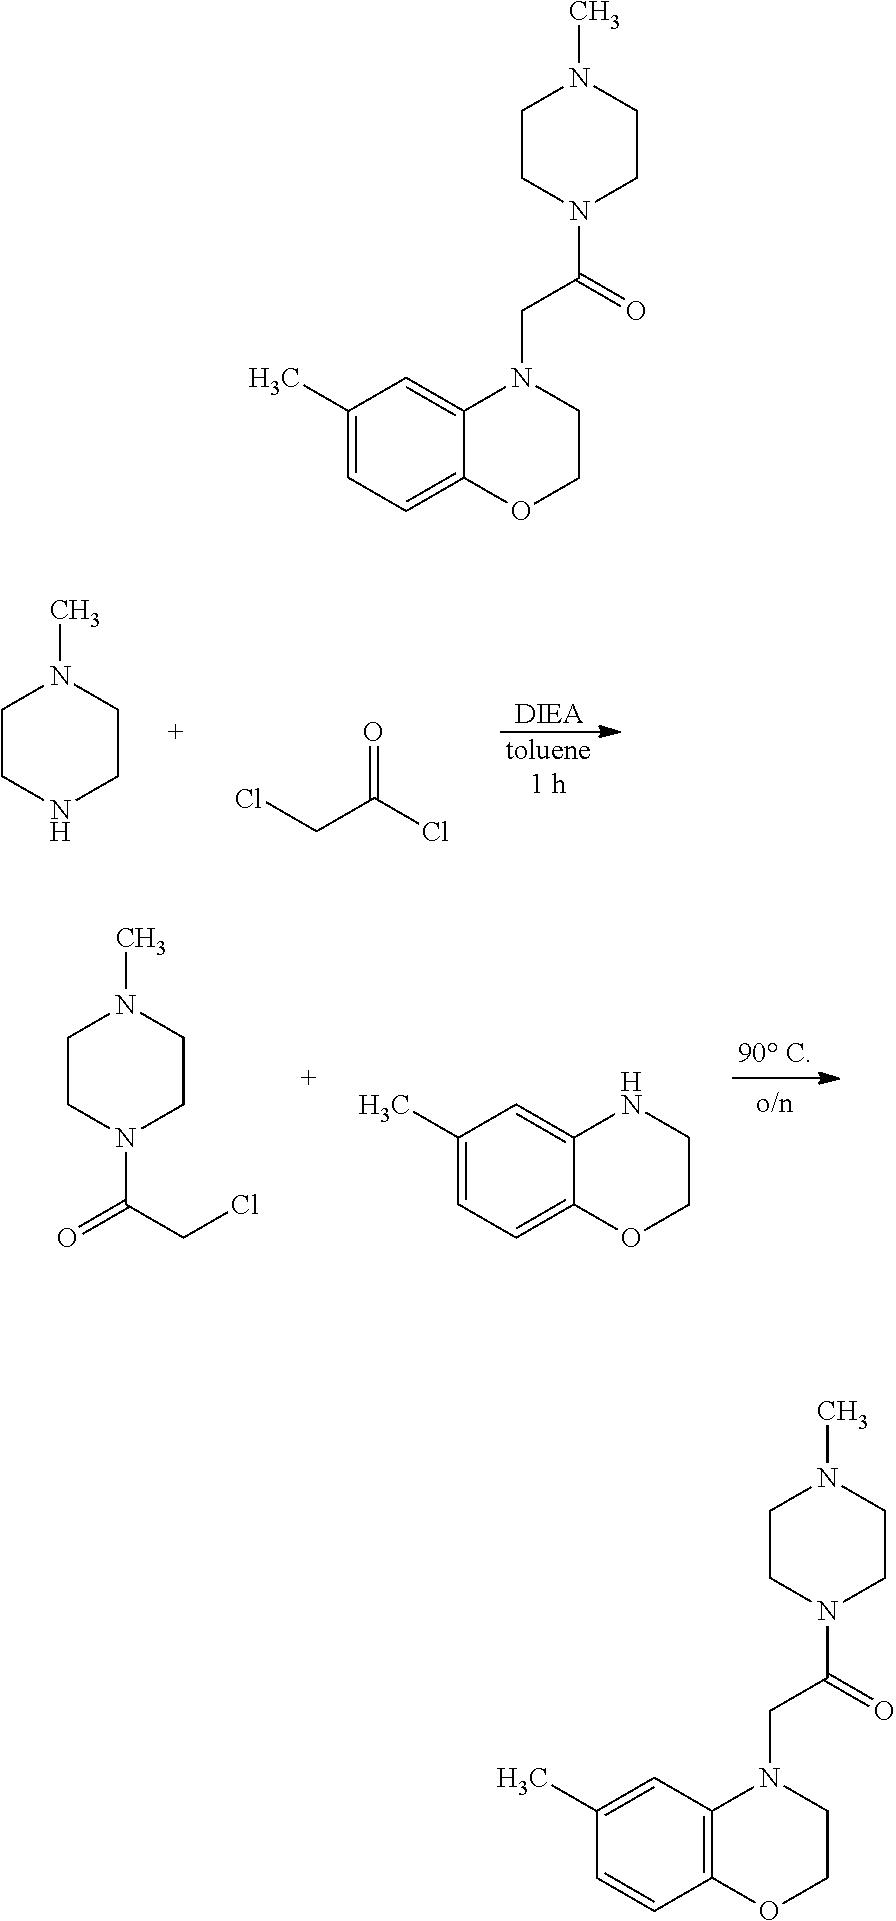 Figure US20190106394A1-20190411-C00083